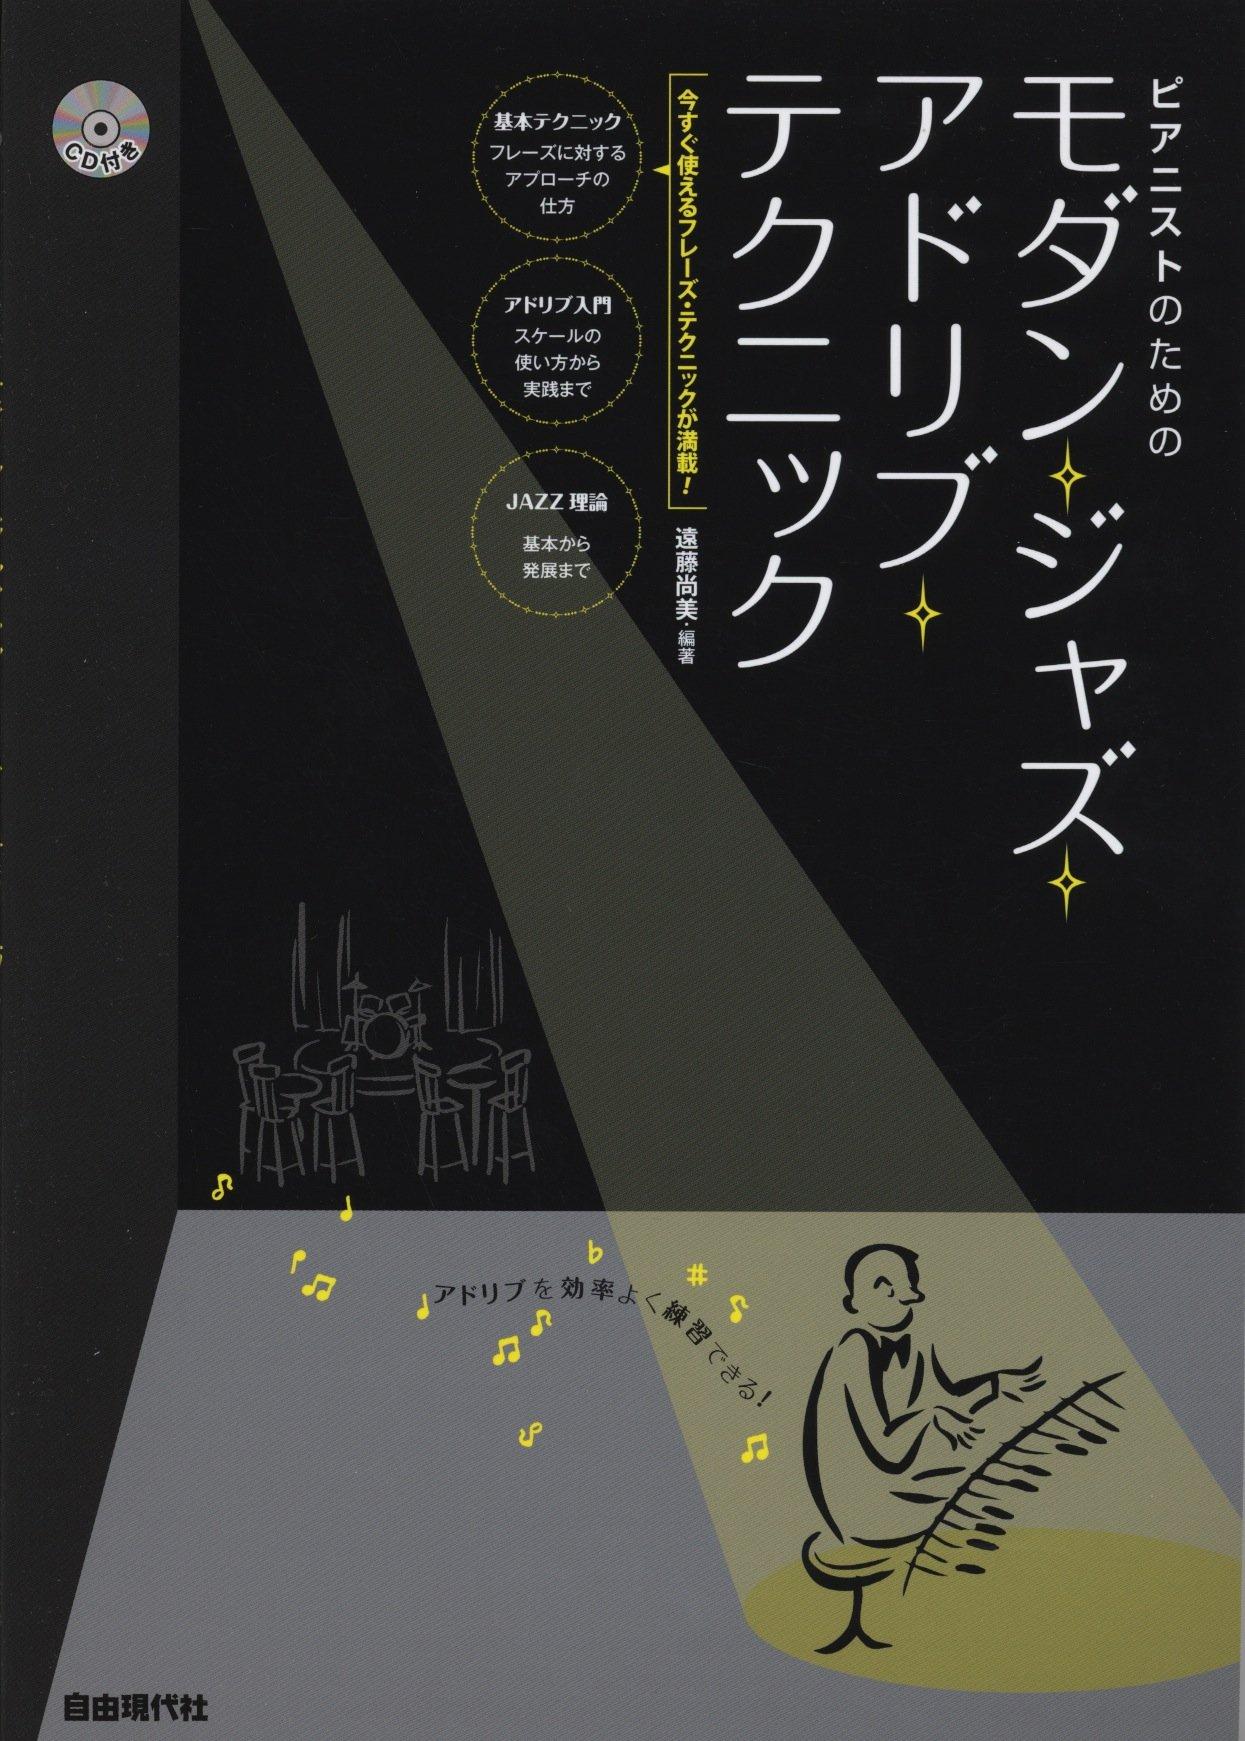 Read Online Pianisuto no tameno modan jazu adoribu tekunikku : Adoribu o kōritsu yoku renshūdekiru : Ima sugu tsukaeru furēzu tekunikku ga mansai pdf epub